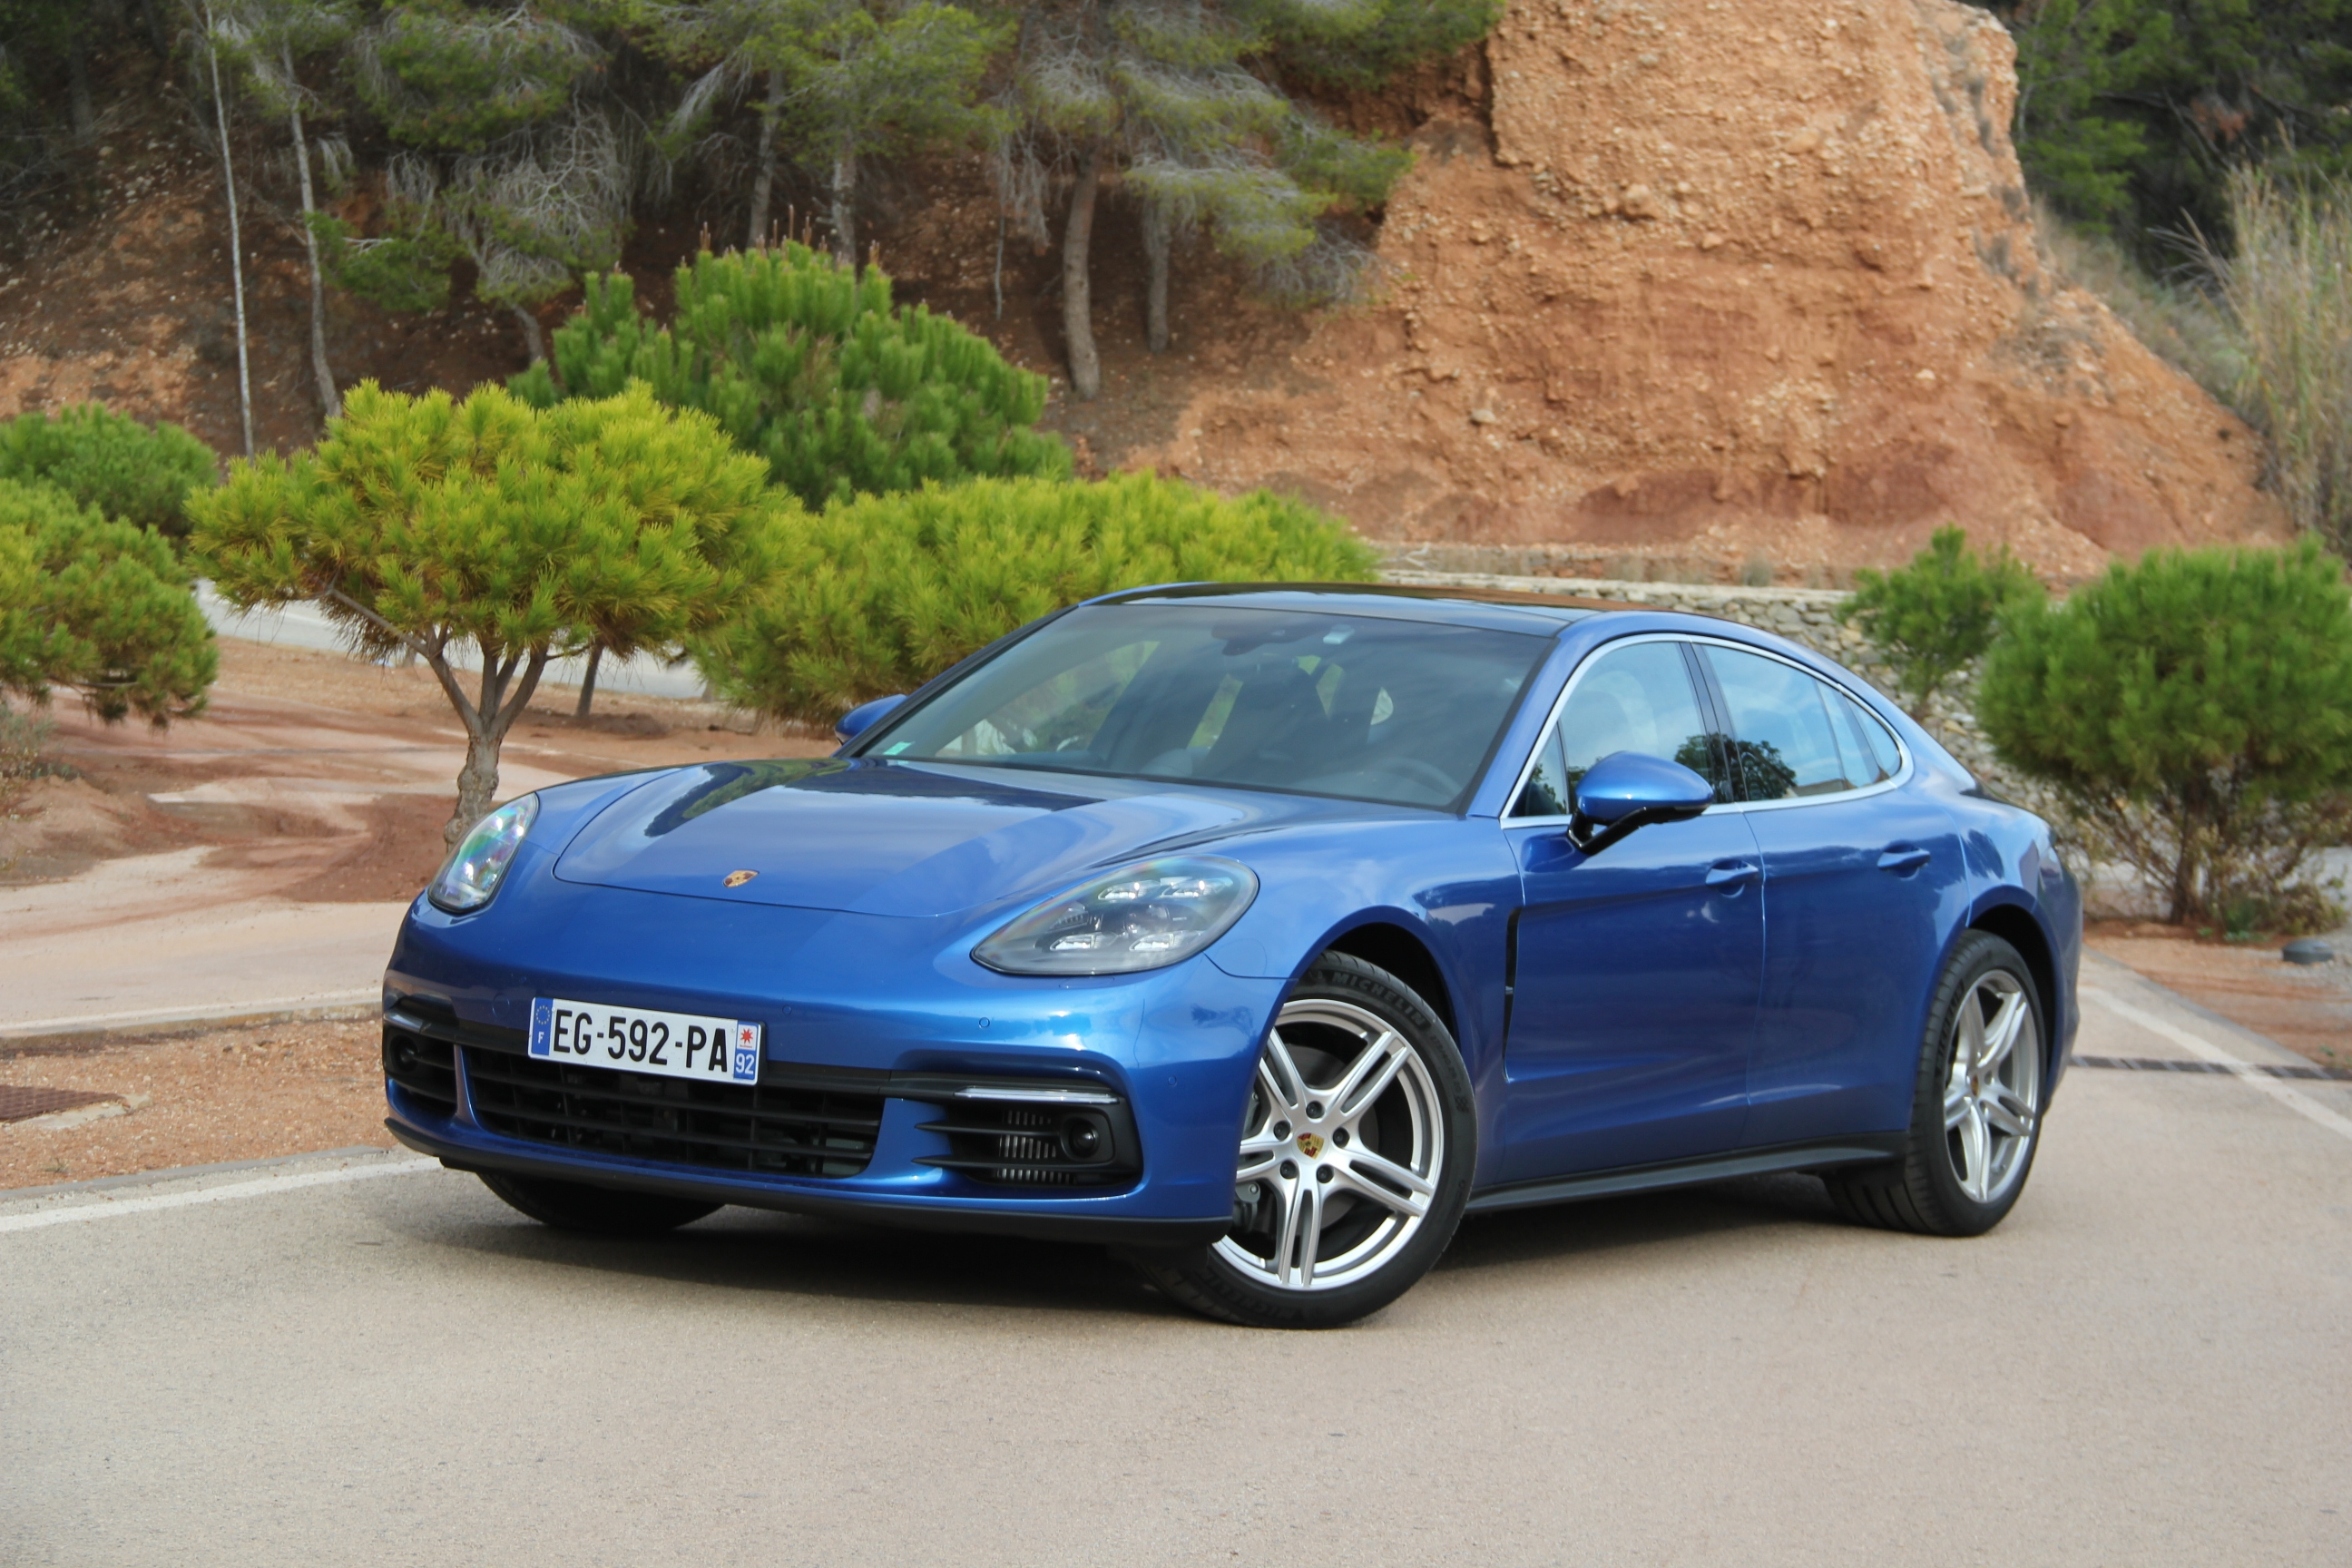 Essai vid o porsche panamera 2 m tamorphos e - Porsche panamera 5 portes ...